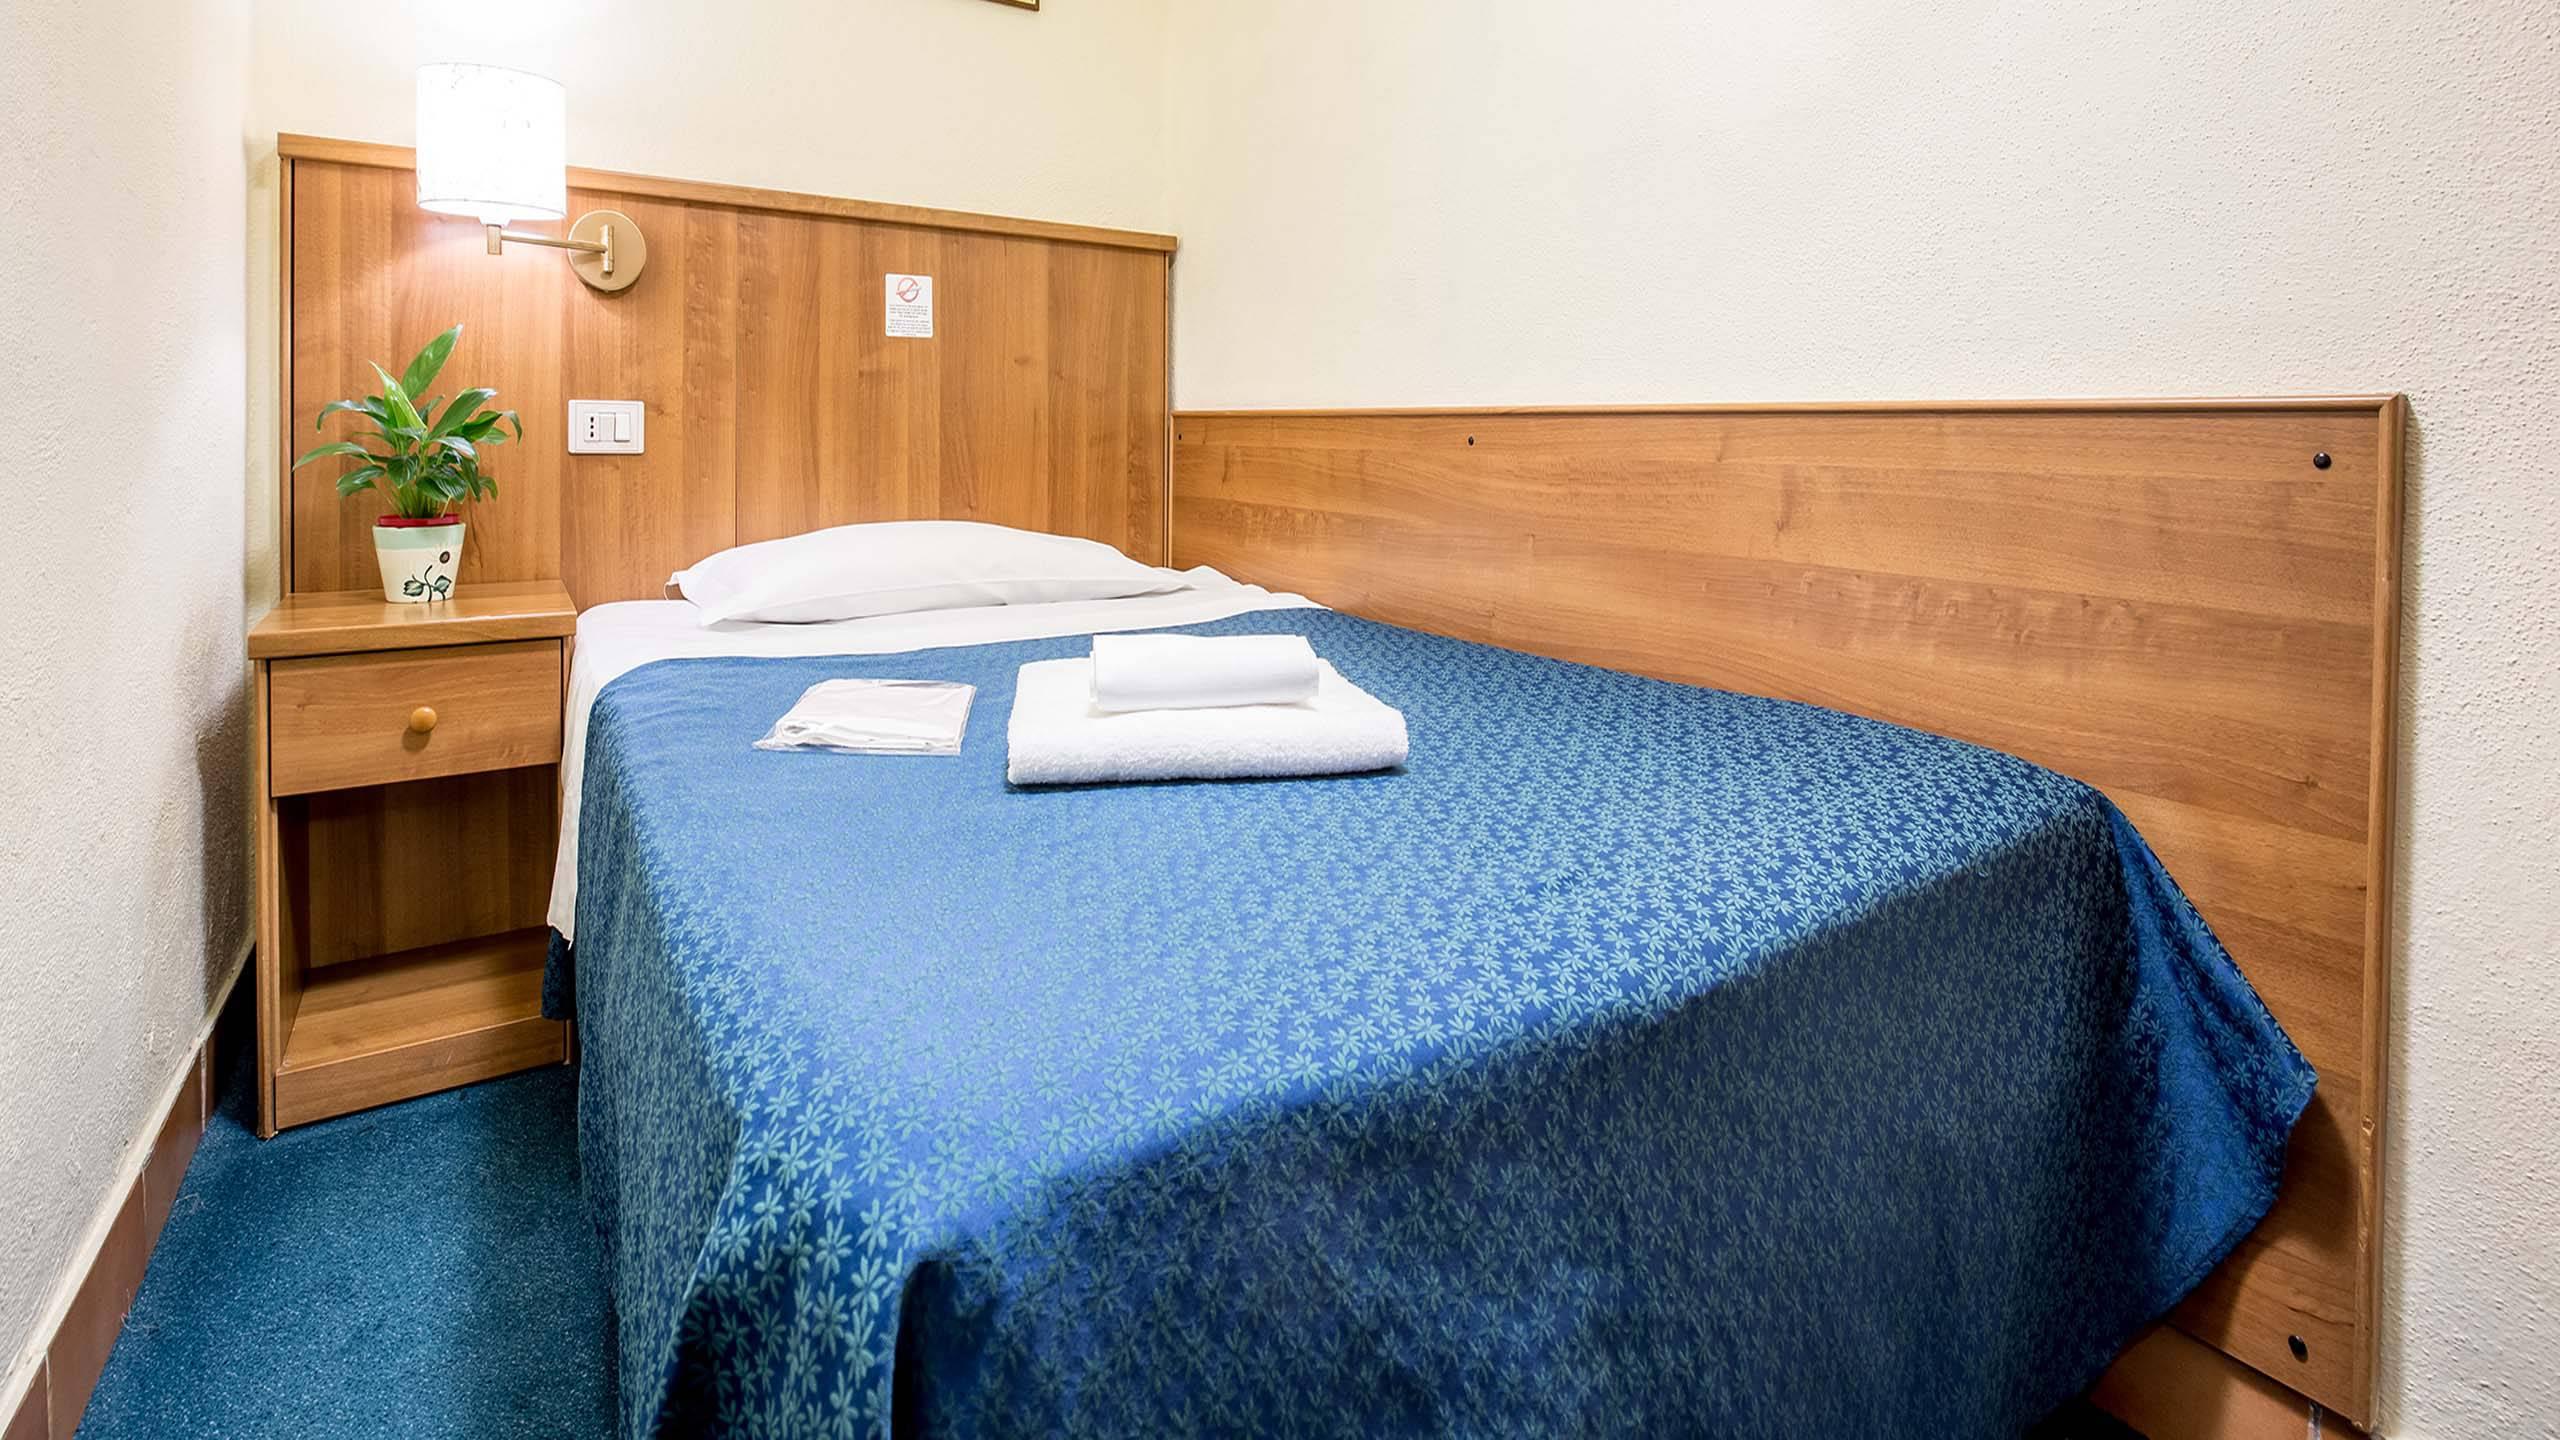 Hotel-Trastevere-Roma-Room-19-Singola-149